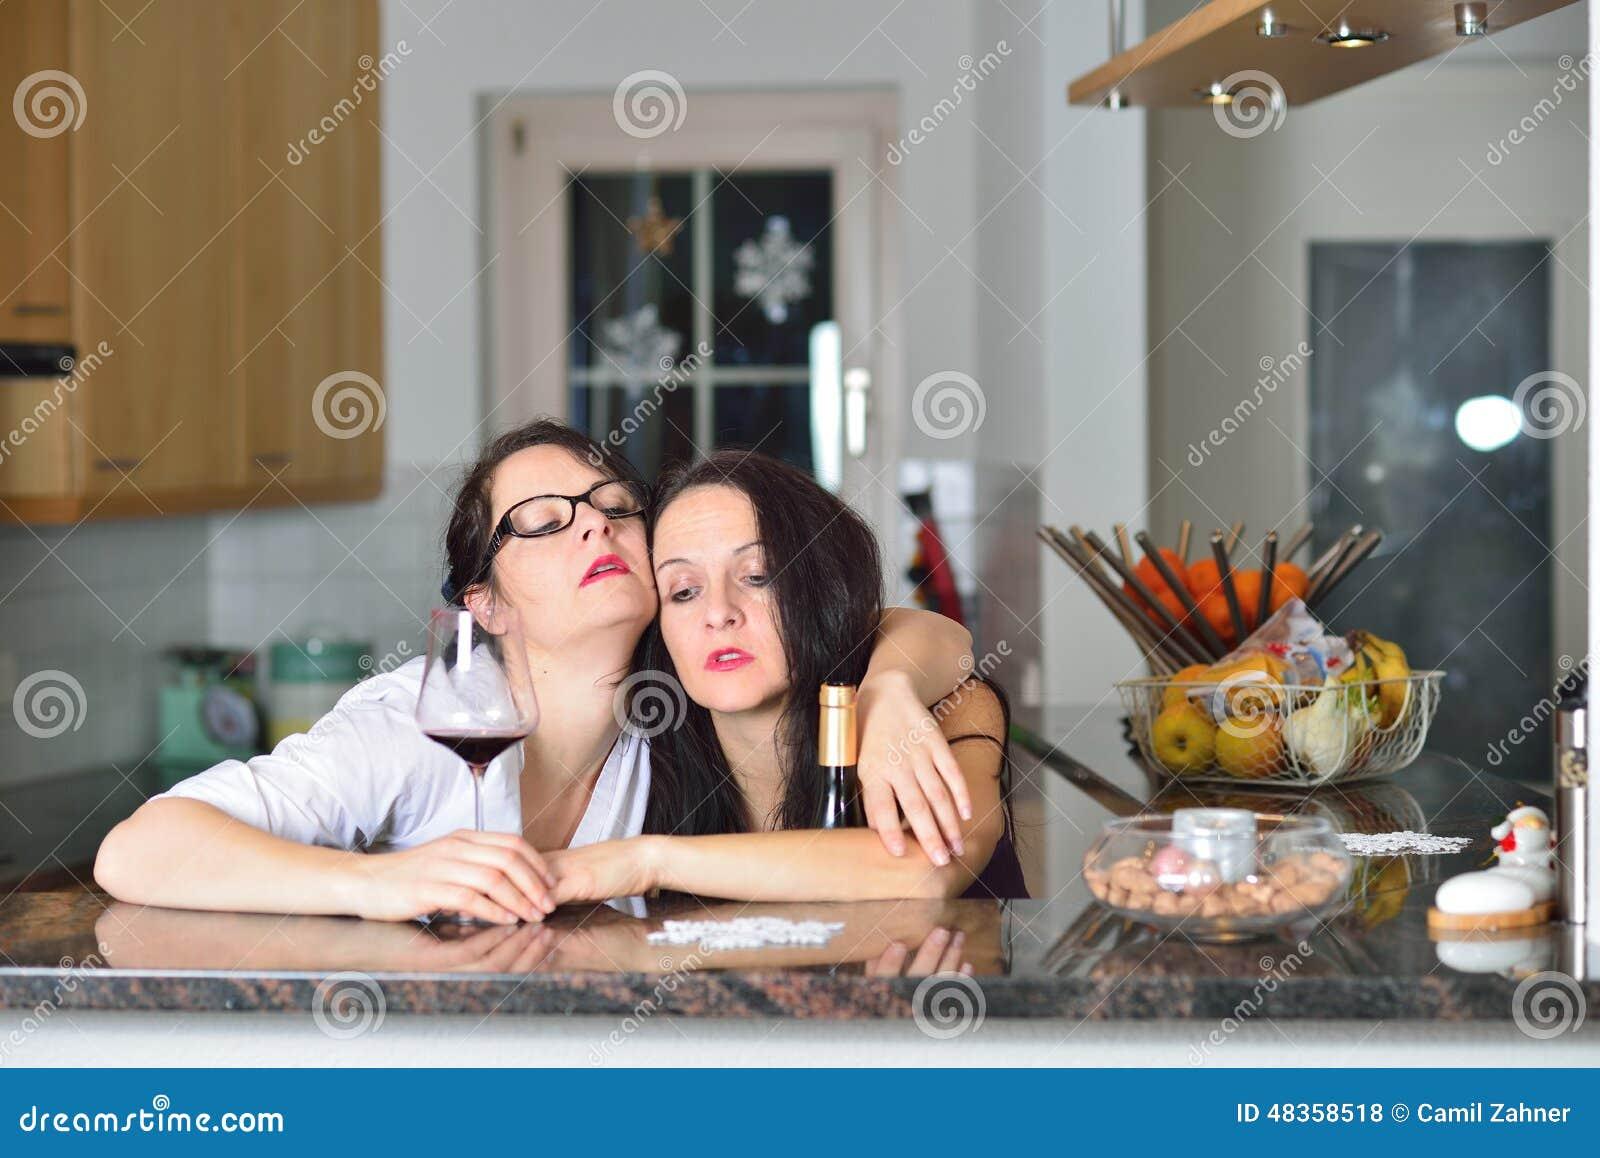 7b9f822f87 Dos mujeres borrachas foto de archivo. Imagen de cristal - 48358518